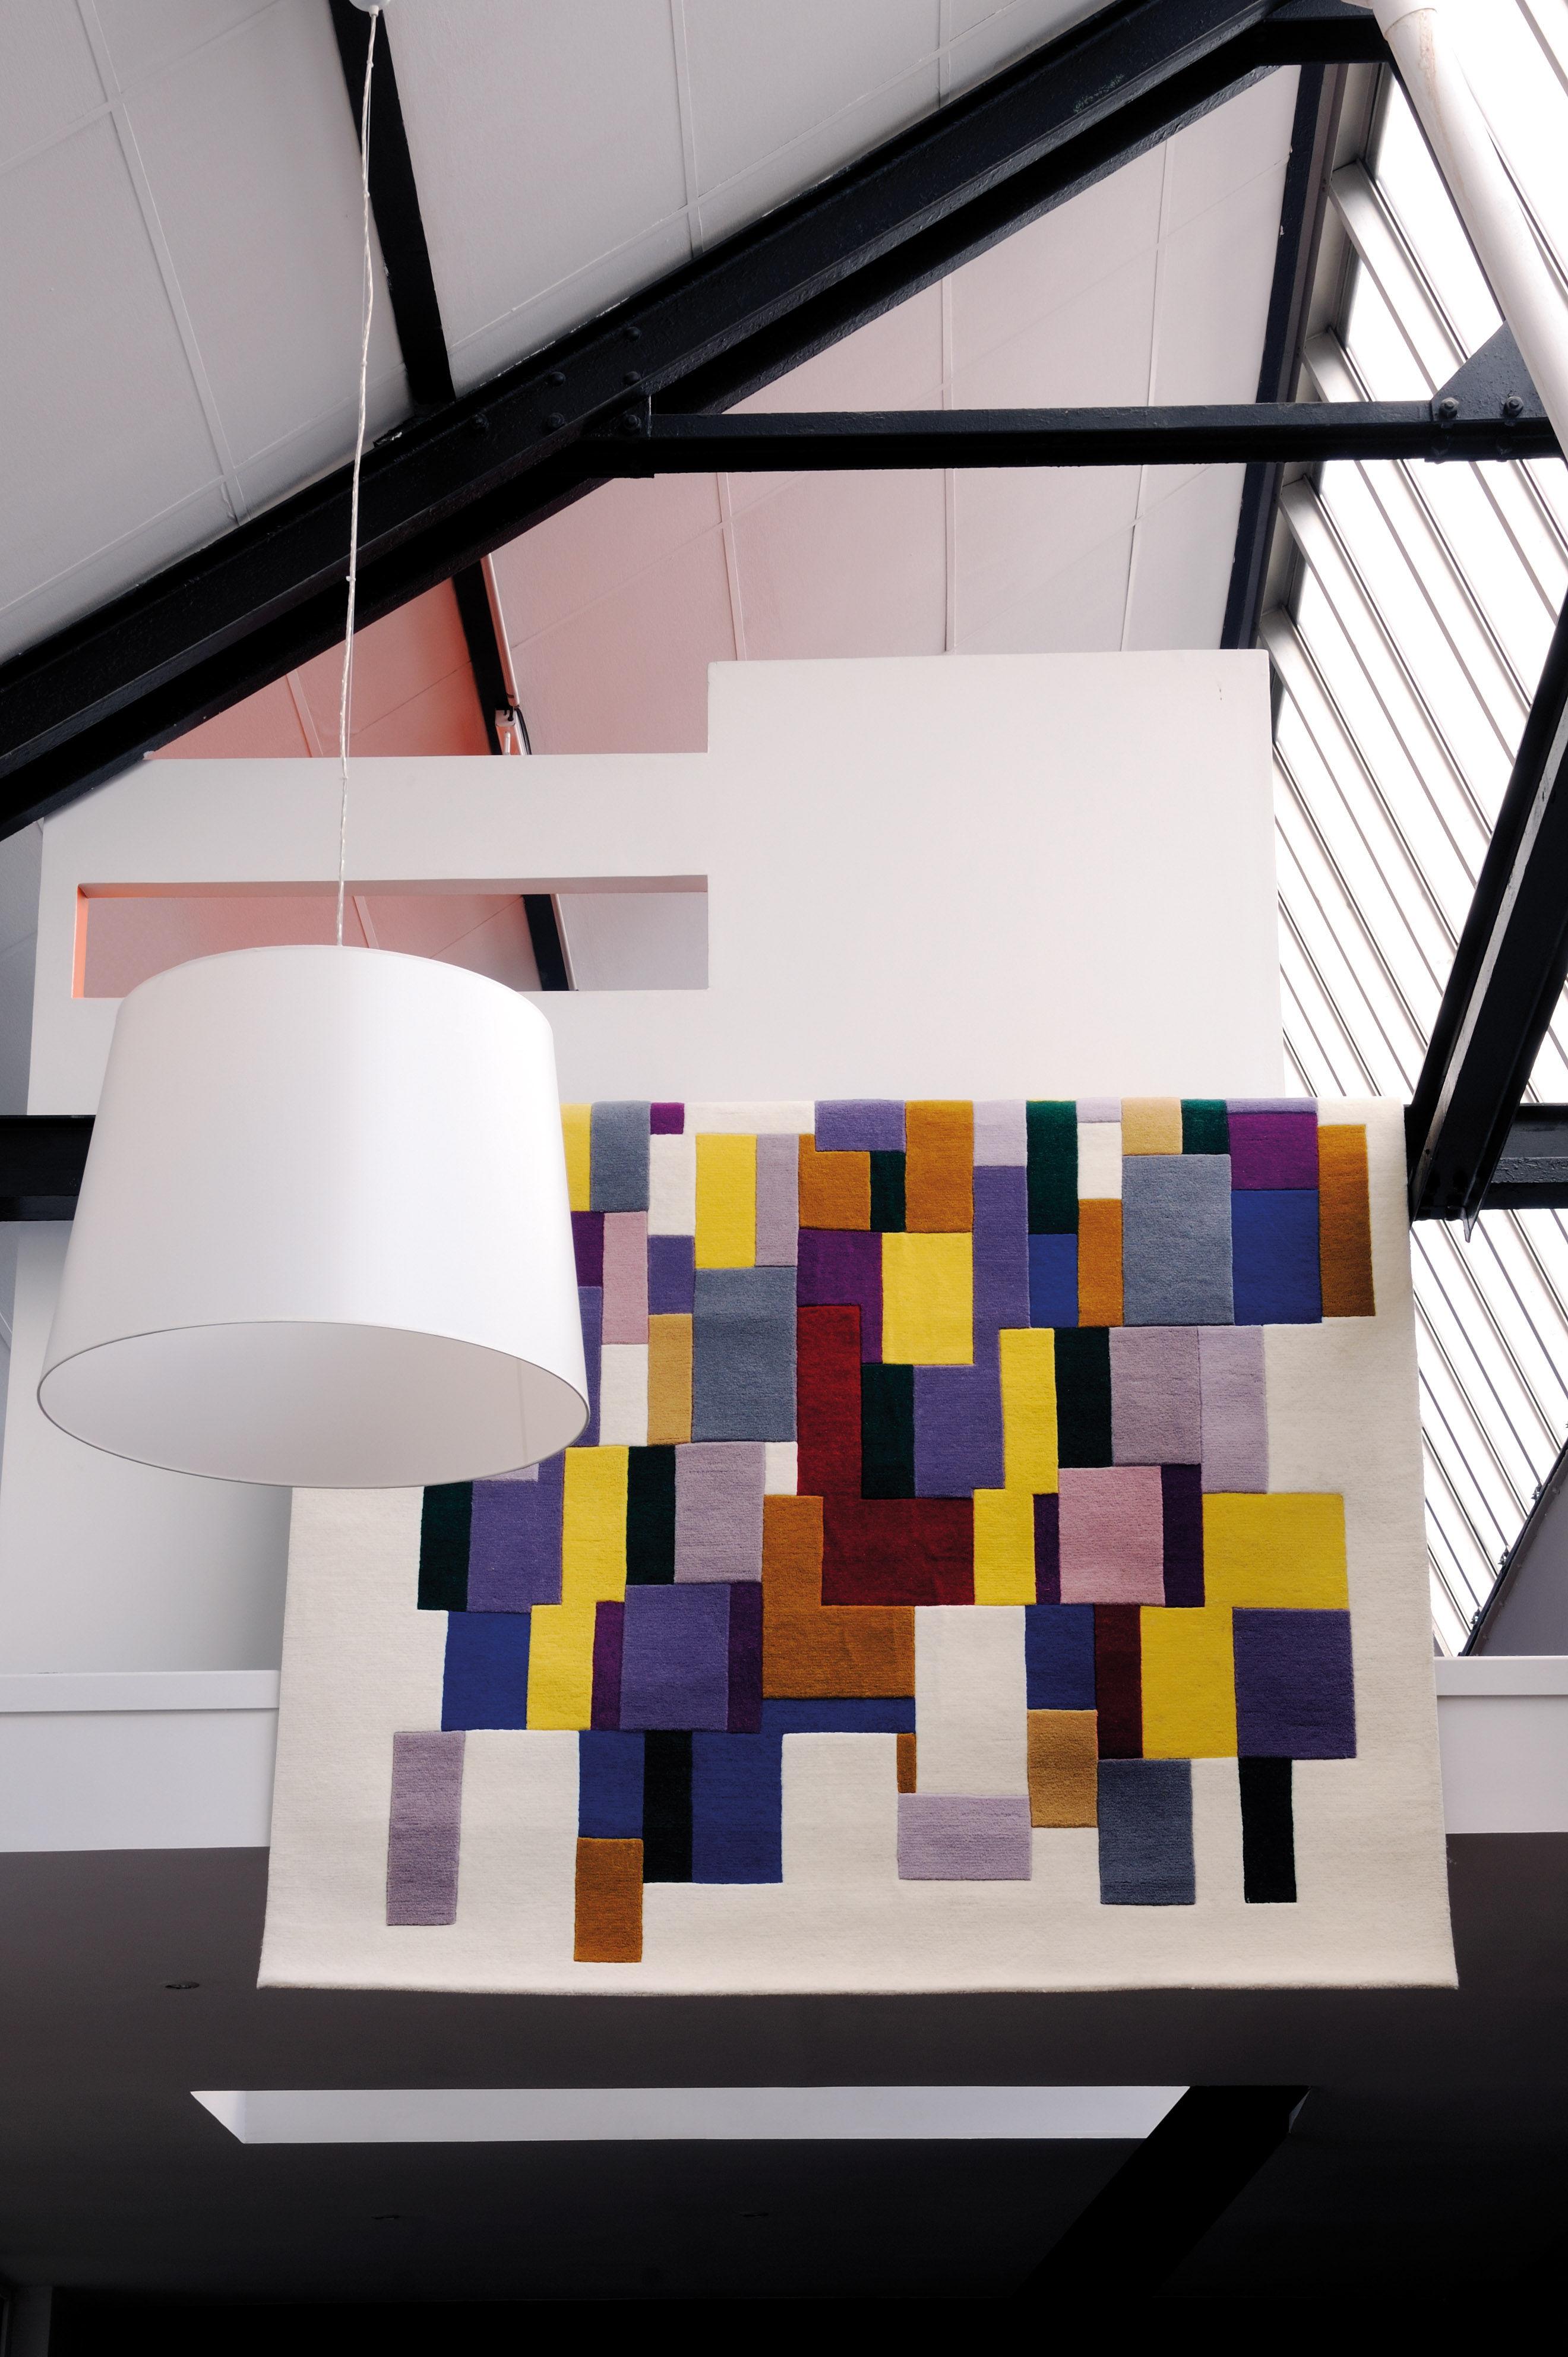 Tapis icare by fran ois champsaur 180 x 270 cm tuft main multicolore toulemonde bochart - Tapijt toulemonde bochar t balances ...